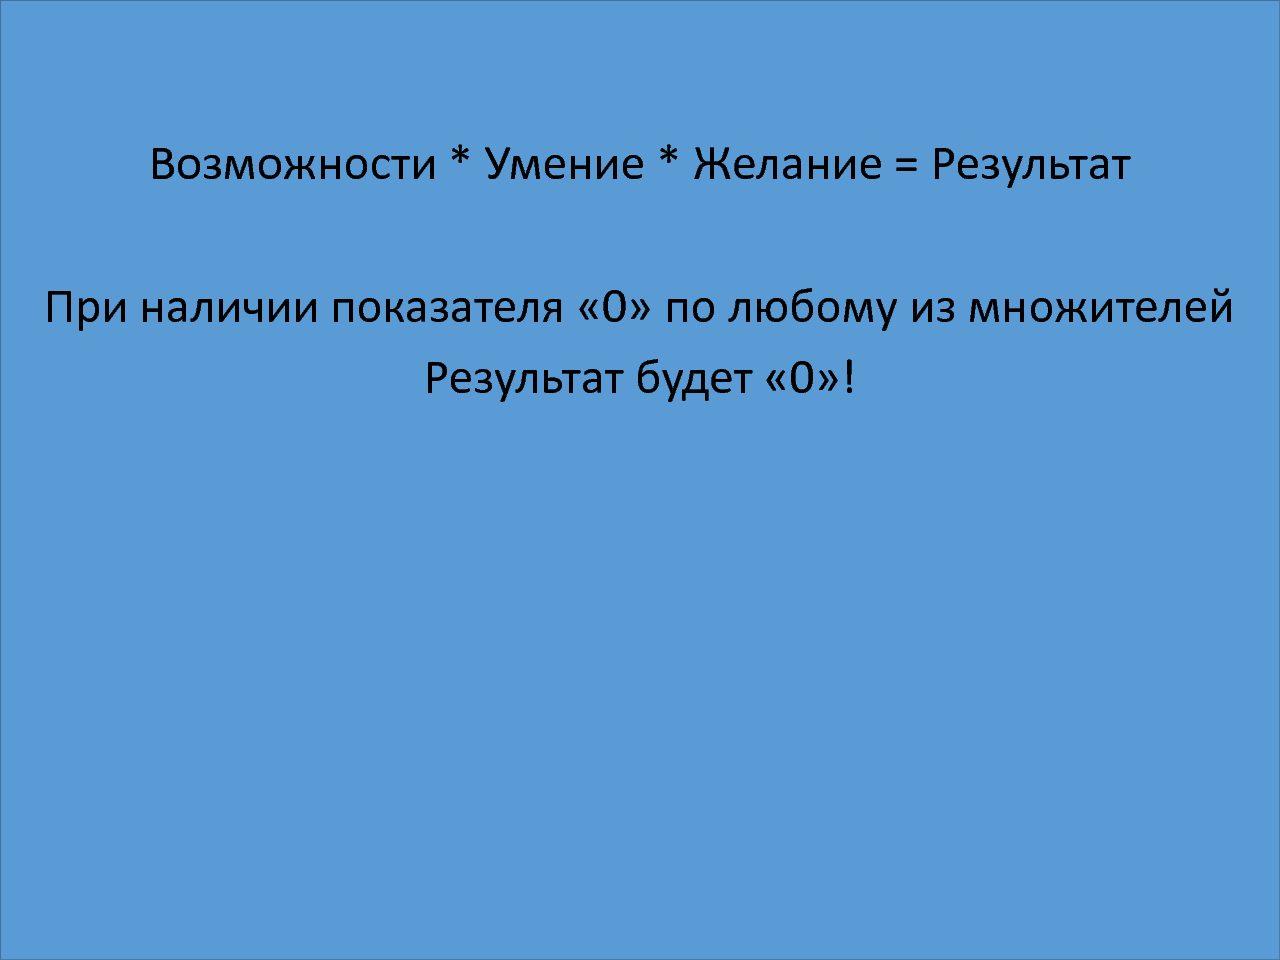 Prezentatsiya-3-pdf